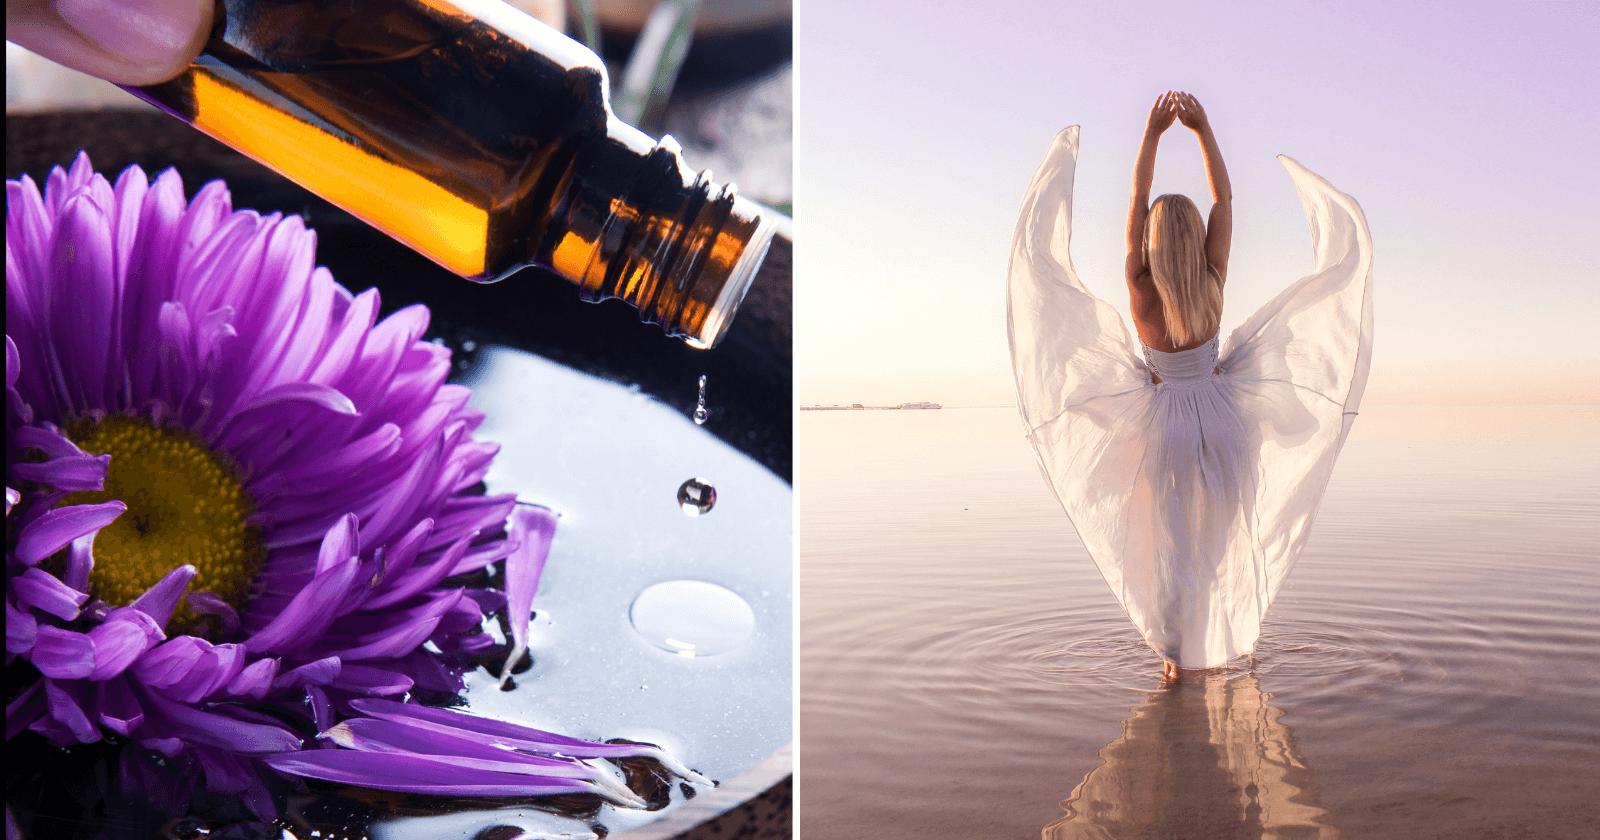 Números, óleos e cristais de acordo com seu Ano Pessoal: comece 2021 com pé direito!